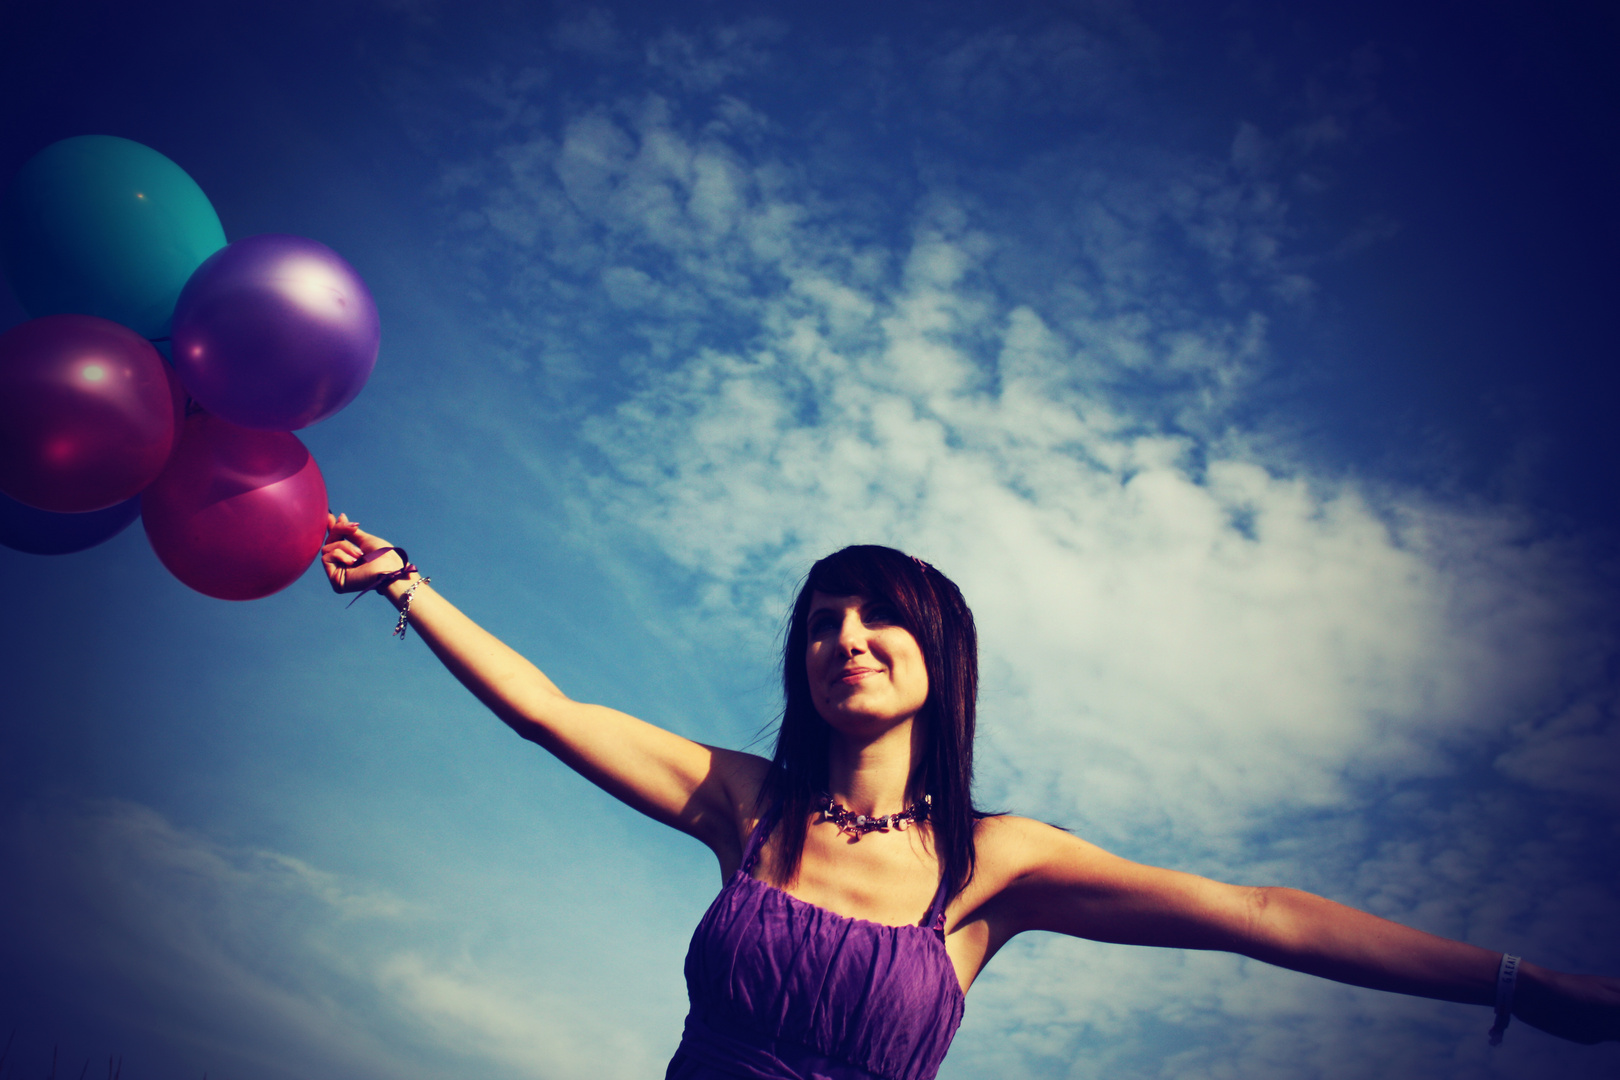 ...luftballon (9)...